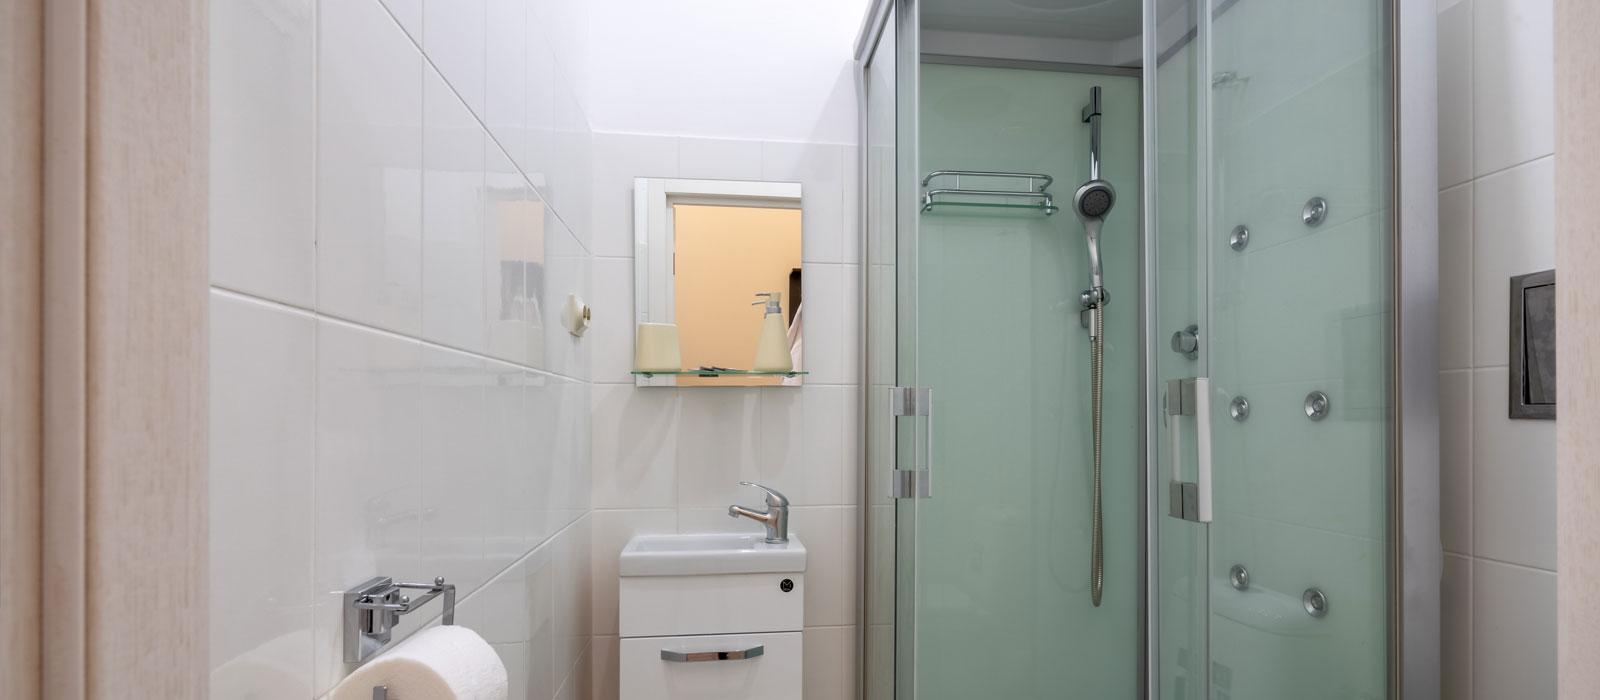 Мини-отель-Адель.-Ванная-комната